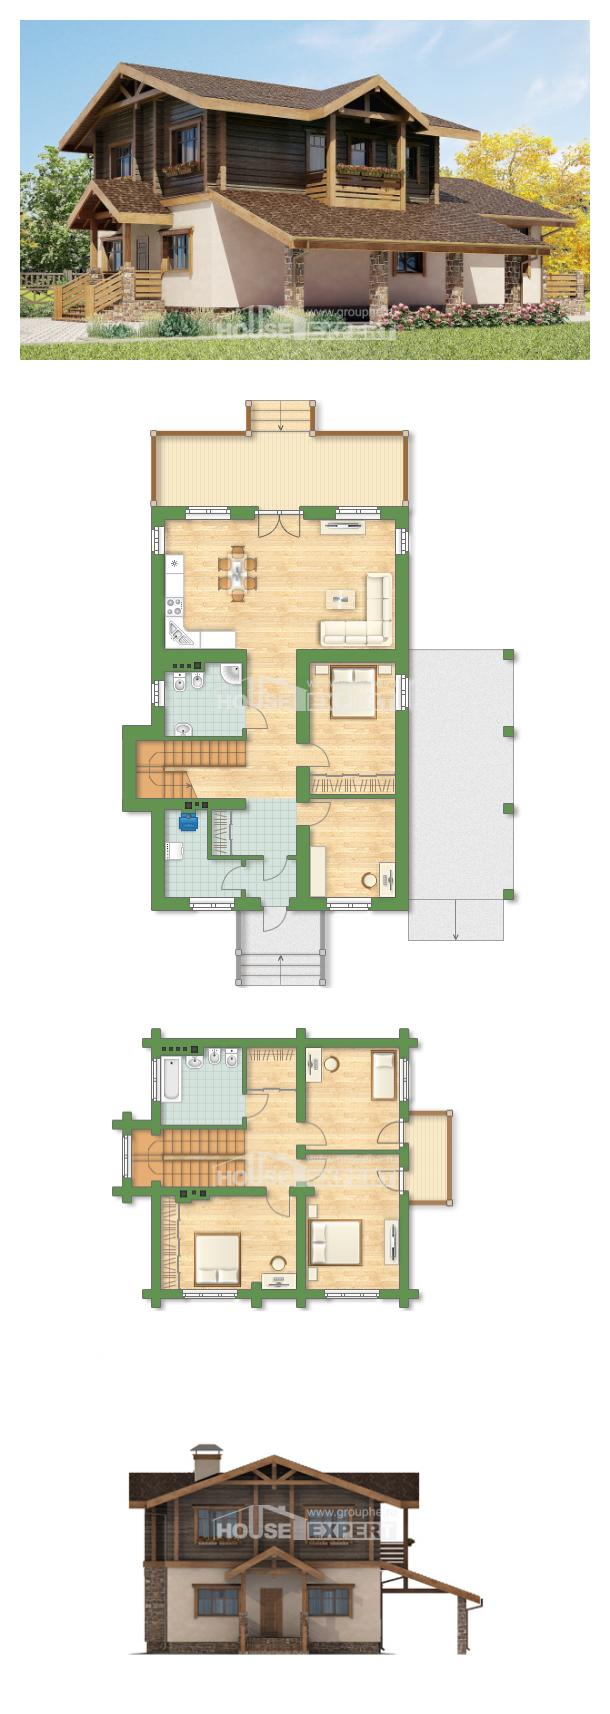 Проект дома 170-004-П   House Expert